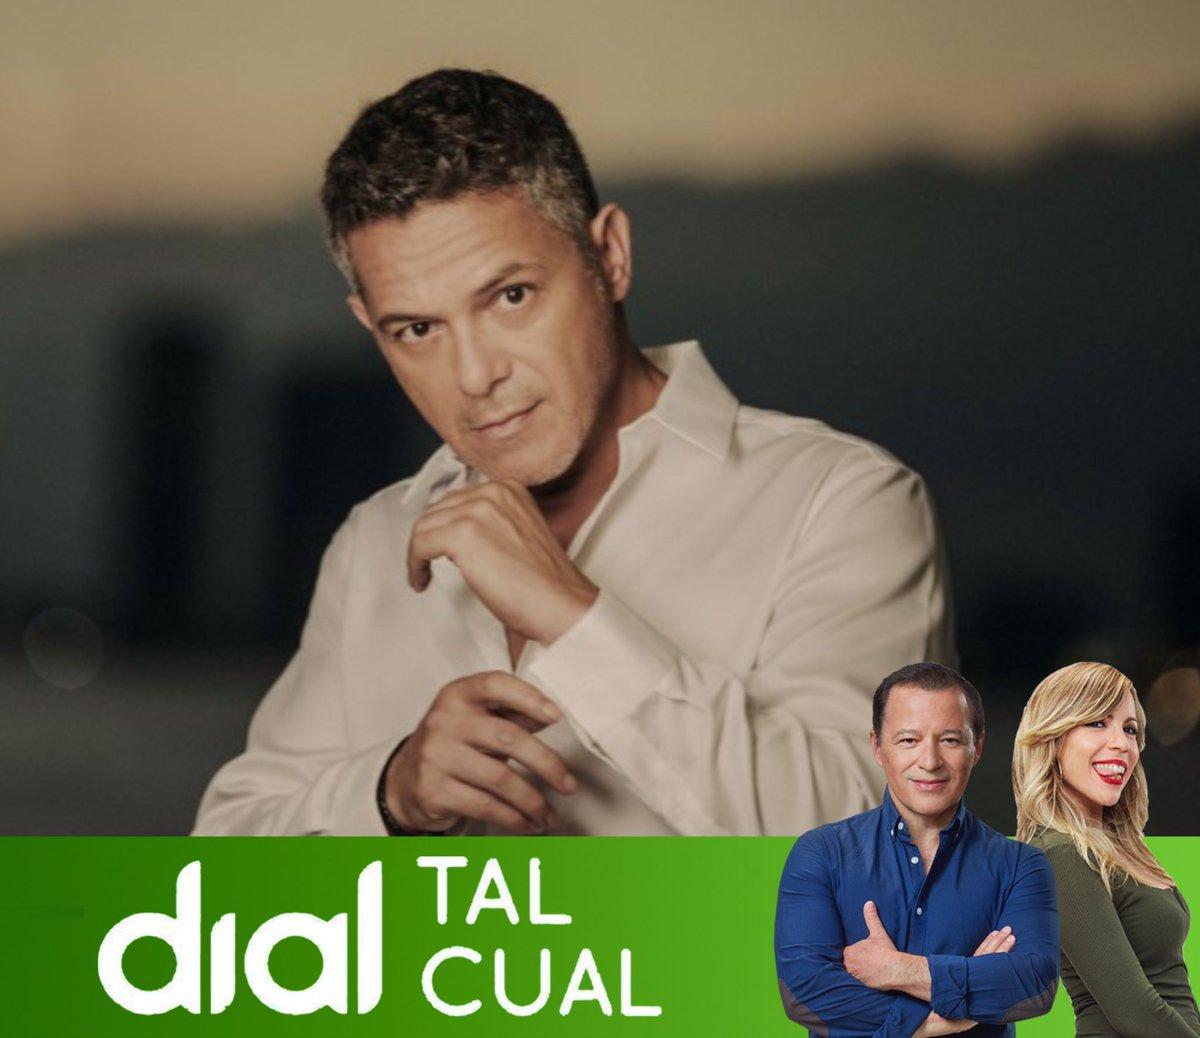 Este sábado en @Dialtalcual @AlejandroSanz será uno de los protagonistas de la semana #EscuchoDialTalCual @PatriciaImaz @Cadena_Dial https://t.co/Fwc45cdXnH